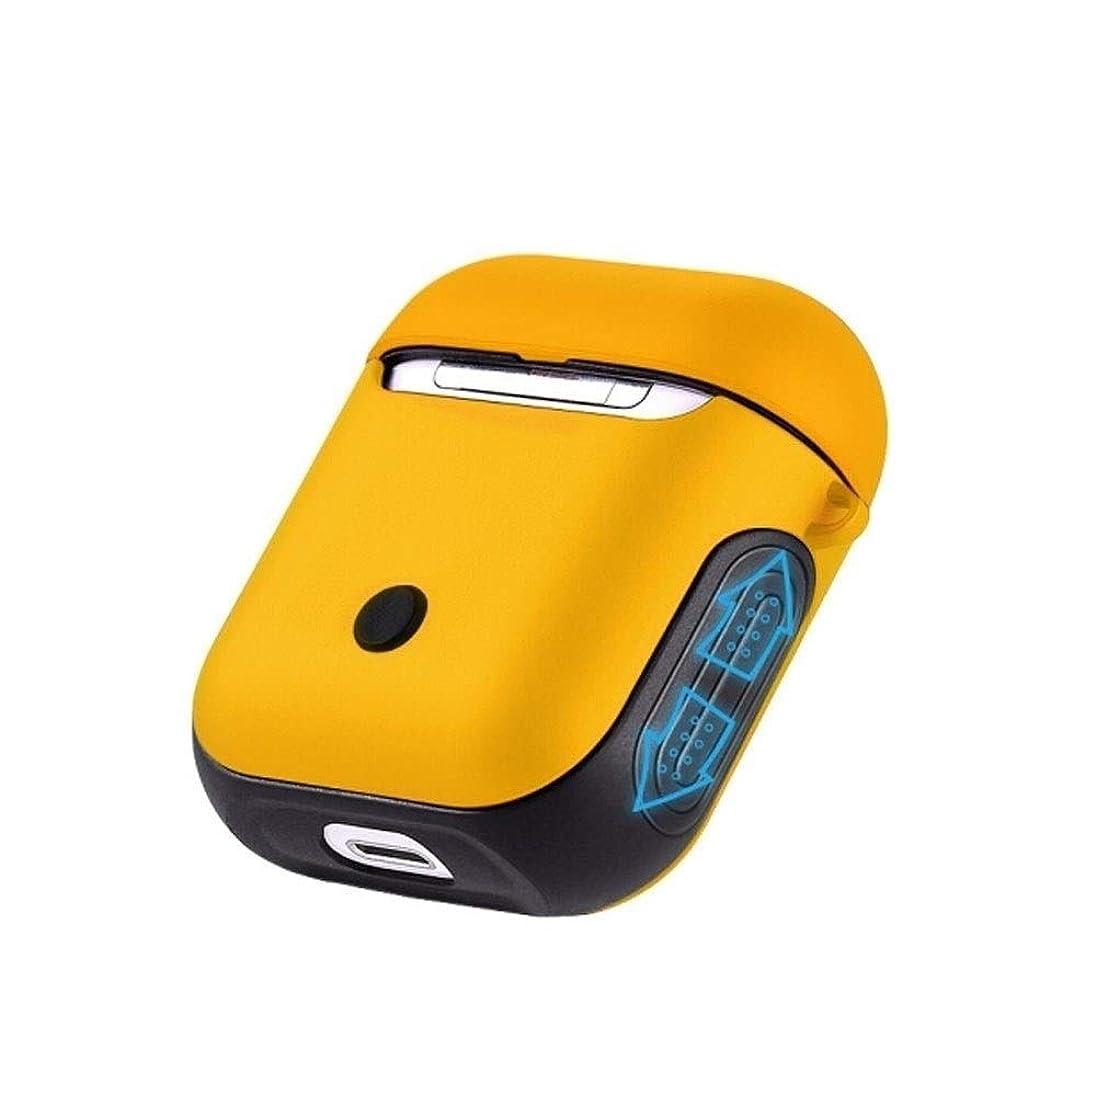 終わった画面自体RLYBDL ボックス、ハードシェルシリコーン透明なボックス、ホワイト/イエロー/ブラック/レッド充電AirPodsヘッドセットセット、ヘッドフォン (Color : Yellow)